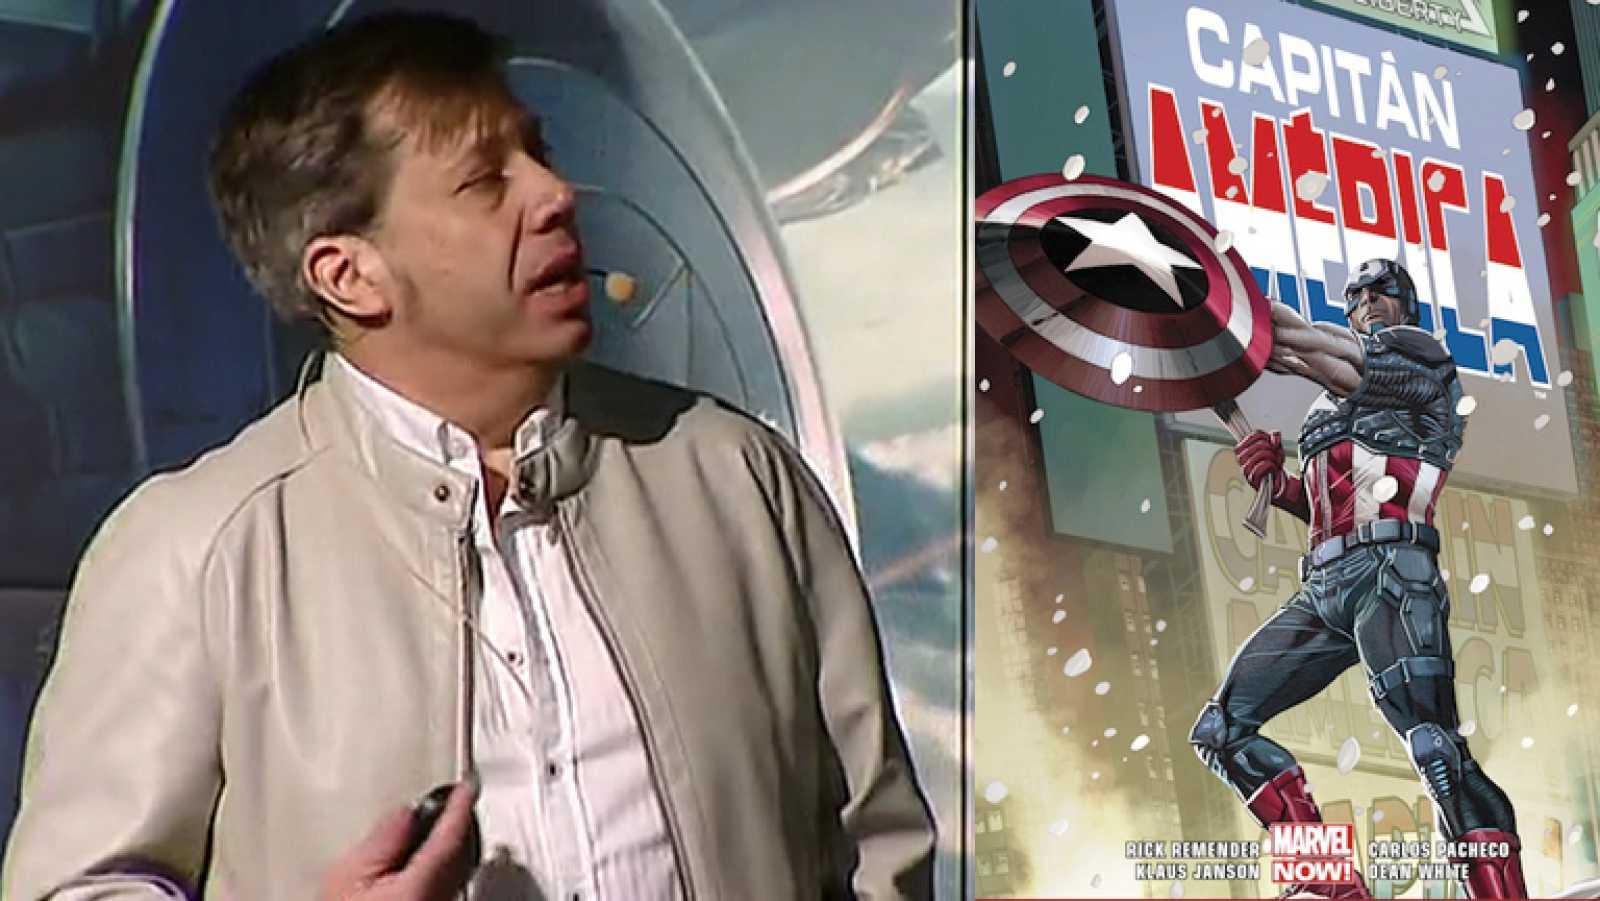 La nueva película del Capitán América se estrenaen Los Ángeles